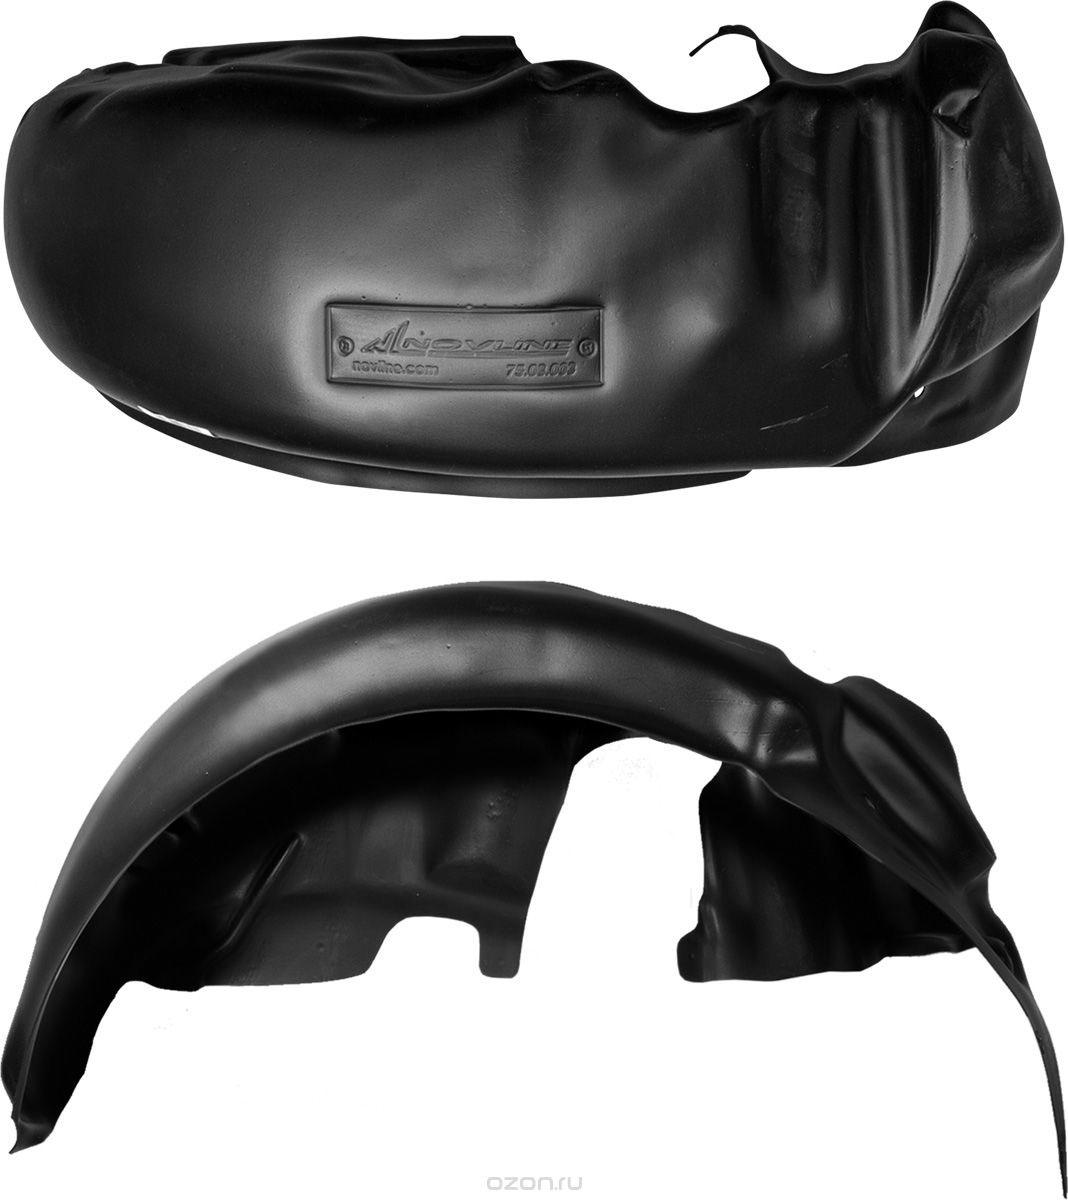 Подкрылок Novline-Autofamily, для TOYOTA Highlander, 2013->, передний правыйDW90Идеальная защита колесной ниши. Локеры разработаны с применением цифровых технологий, гарантируют максимальную повторяемость поверхности арки. Изделия устанавливаются без нарушения лакокрасочного покрытия автомобиля, каждый подкрылок комплектуется крепежом. Уважаемые клиенты, обращаем ваше внимание, что фотографии на подкрылки универсальные и не отражают реальную форму изделия. При этом само изделие идет точно под размер указанного автомобиля.